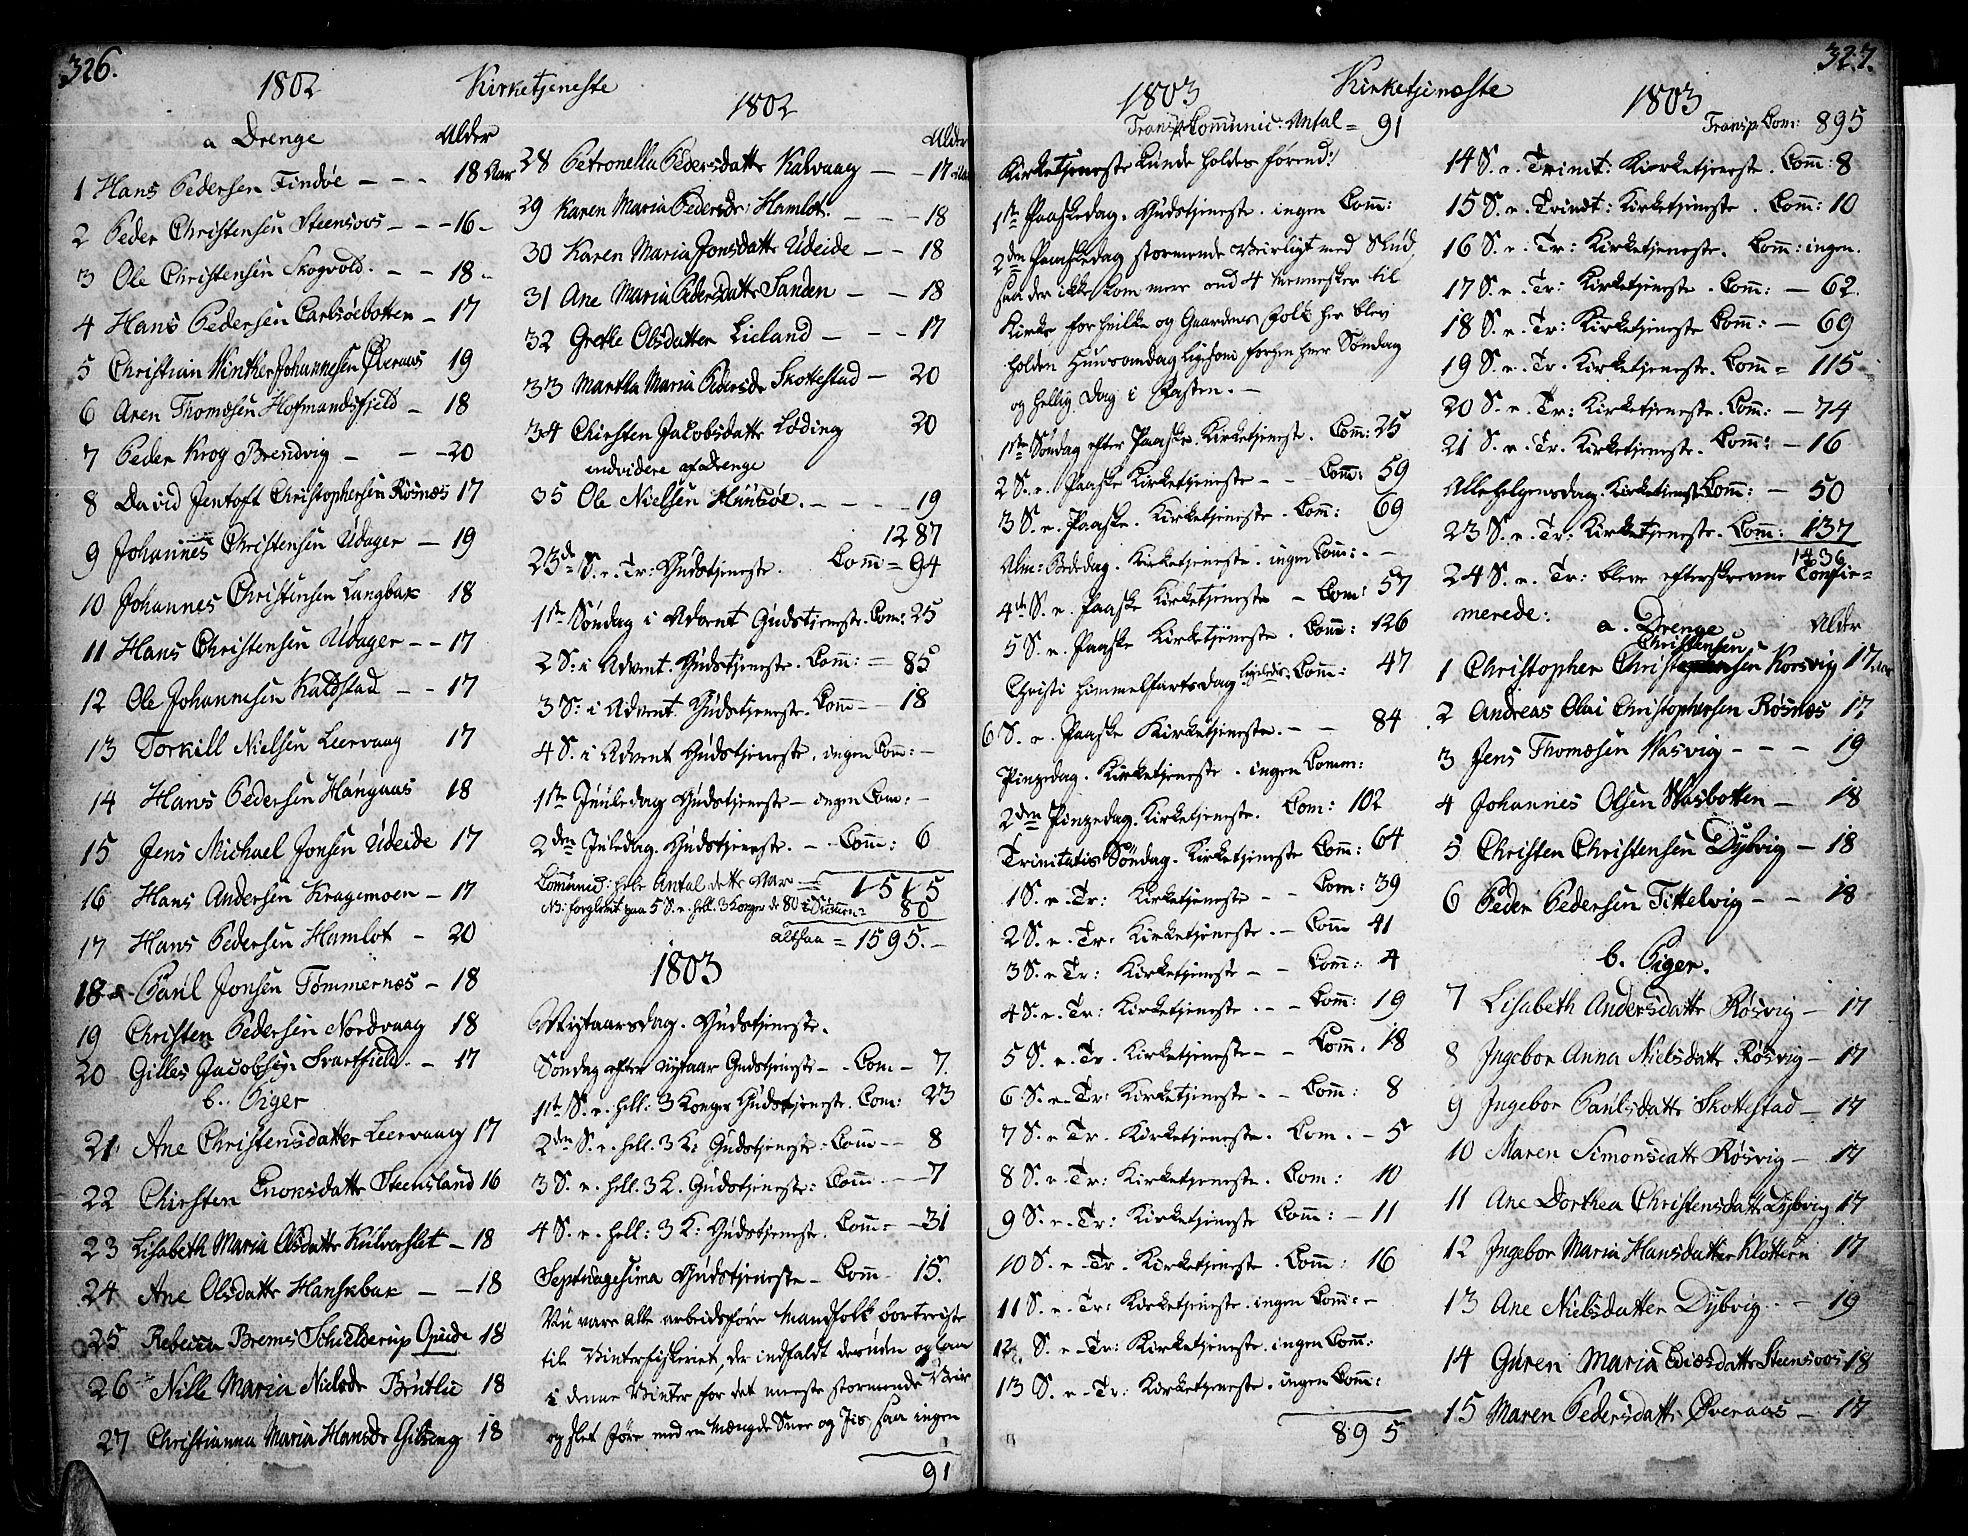 SAT, Ministerialprotokoller, klokkerbøker og fødselsregistre - Nordland, 859/L0841: Parish register (official) no. 859A01, 1766-1821, p. 326-327